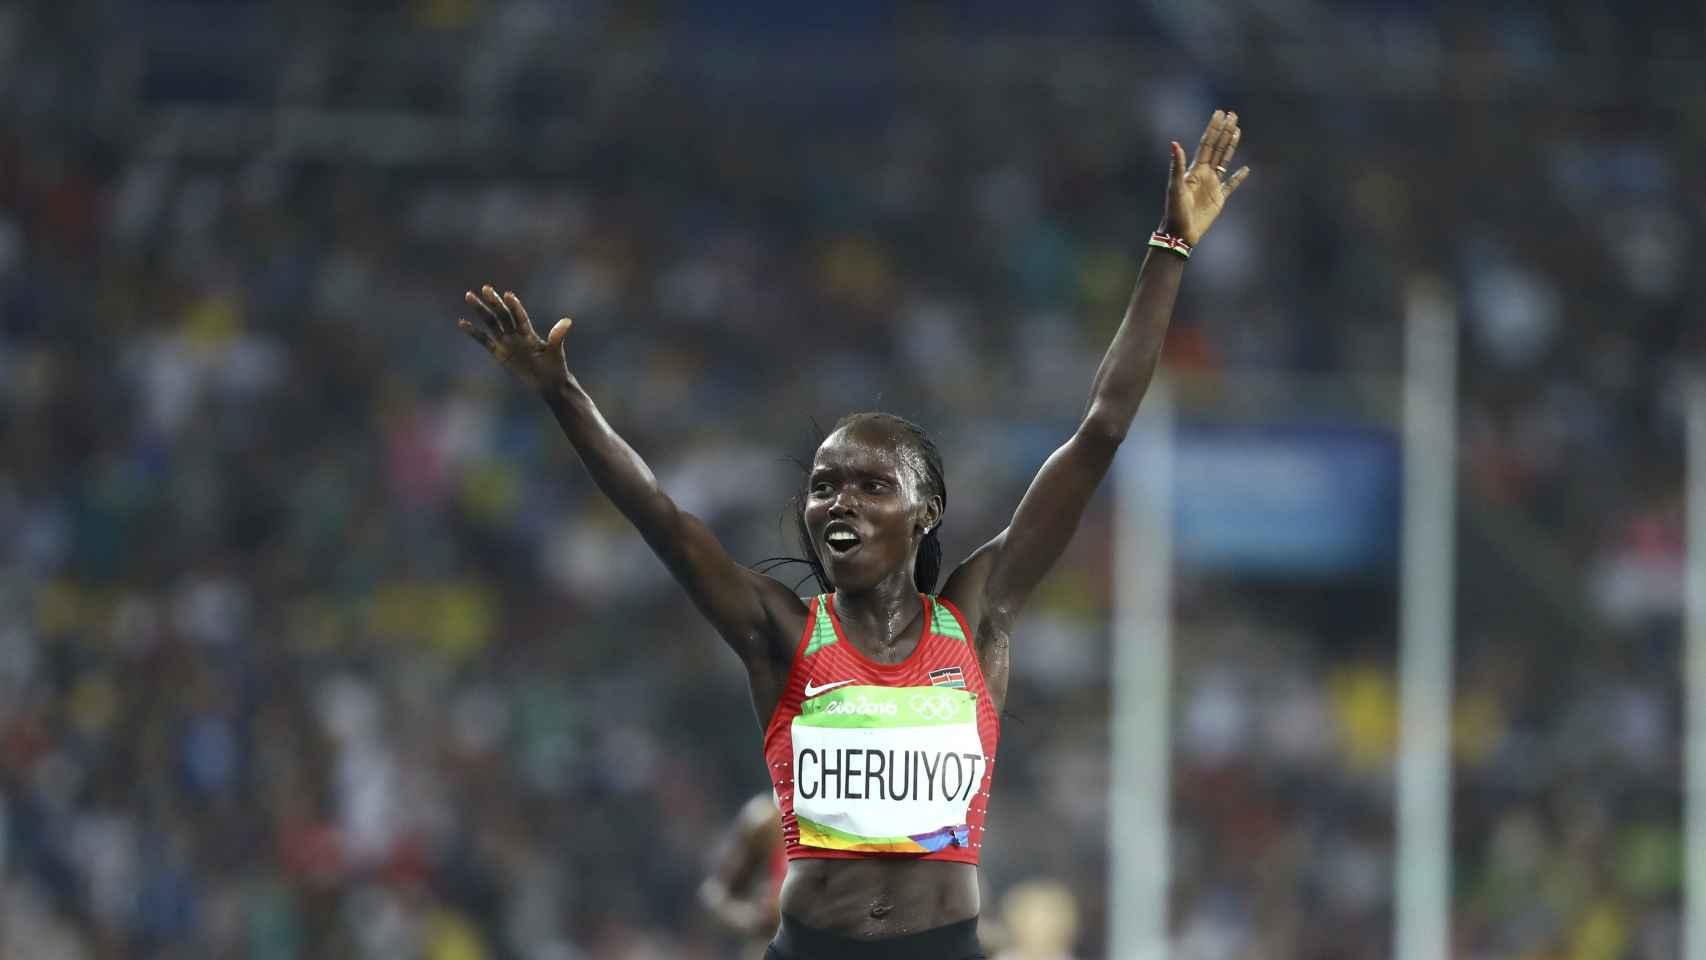 Cheruiyot celebra la medalla de oro en los 5.000 metros.